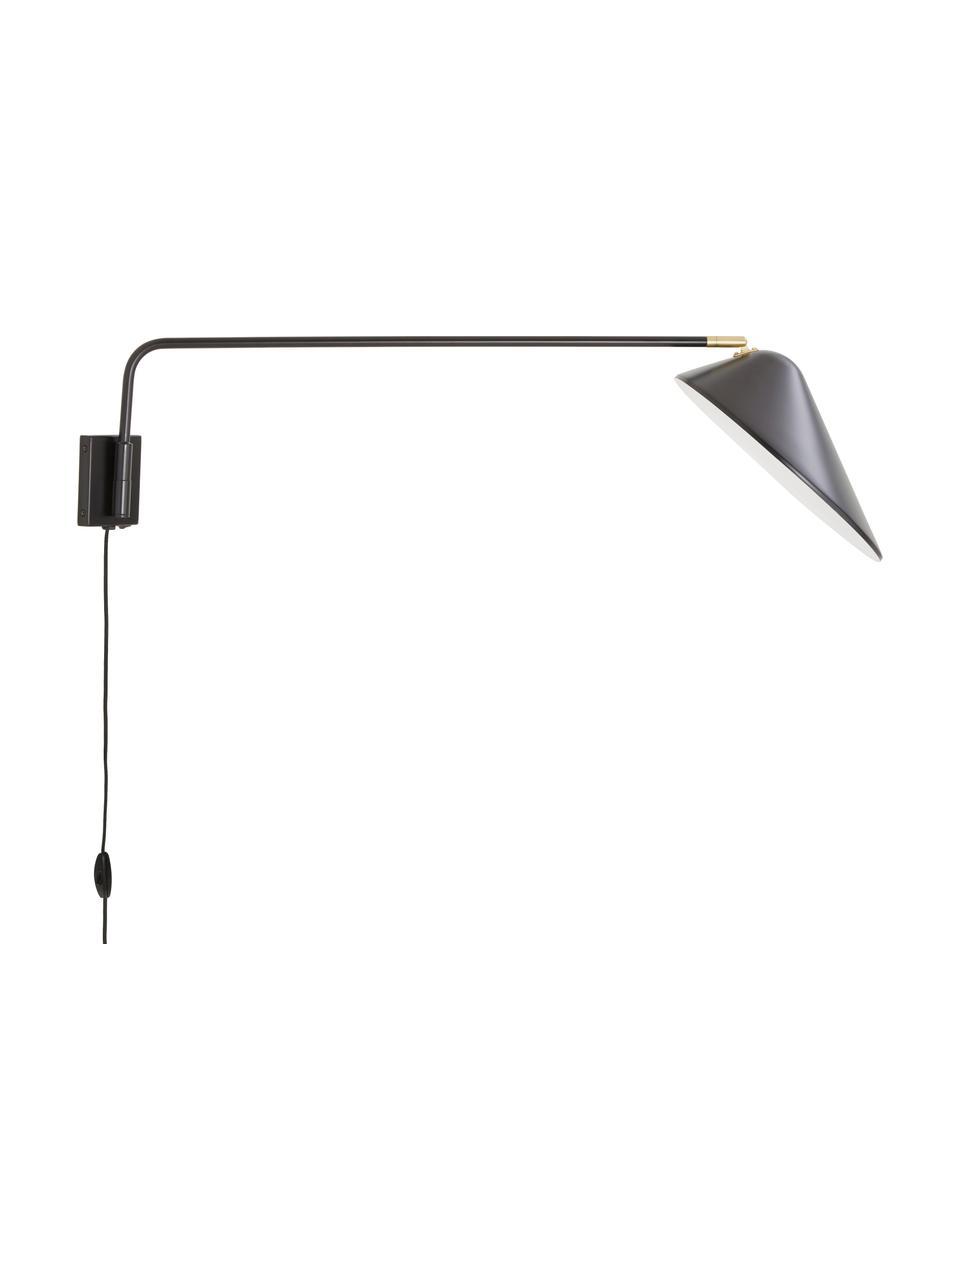 Grote wandlamp Neron met stekker en goudkleurige decoratie in zwart, Lampenkap: gepoedercoat metaal, Decoratie: vermessingd metaal, Zwart, B 27 x D 100 cm